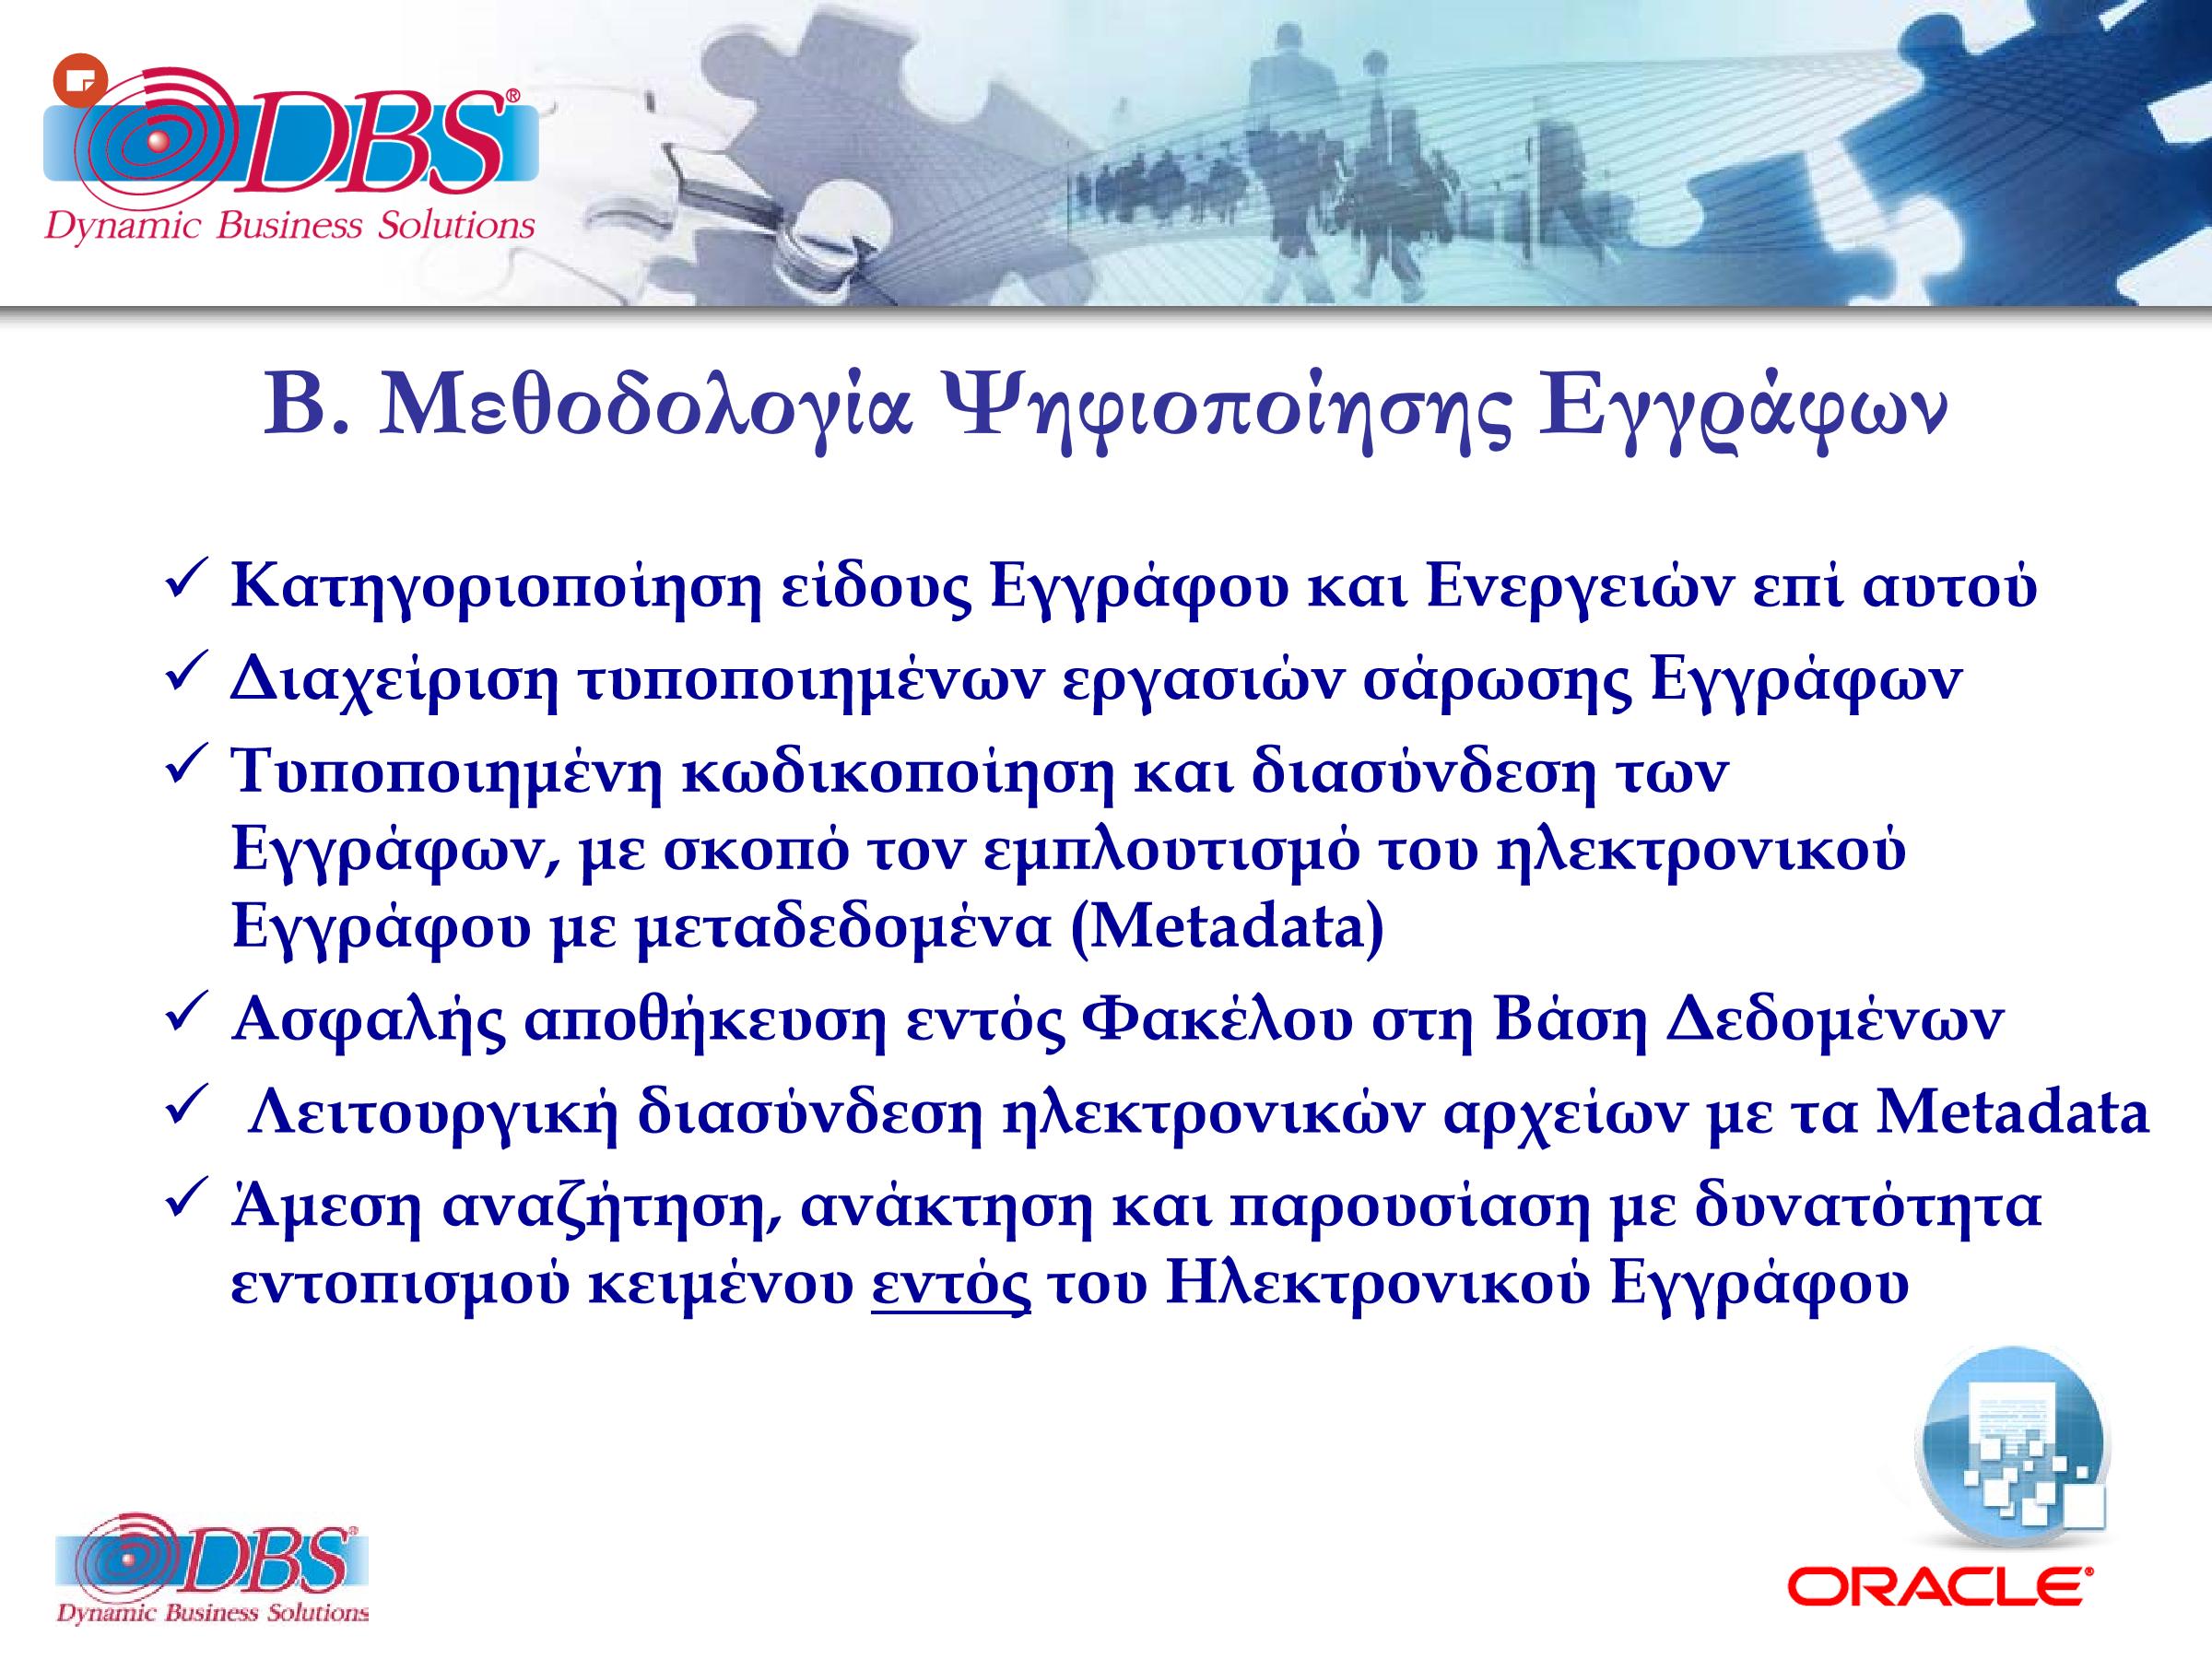 DBSDEMO2019_COMPANY_SERVICES_V18_R12-EL-11